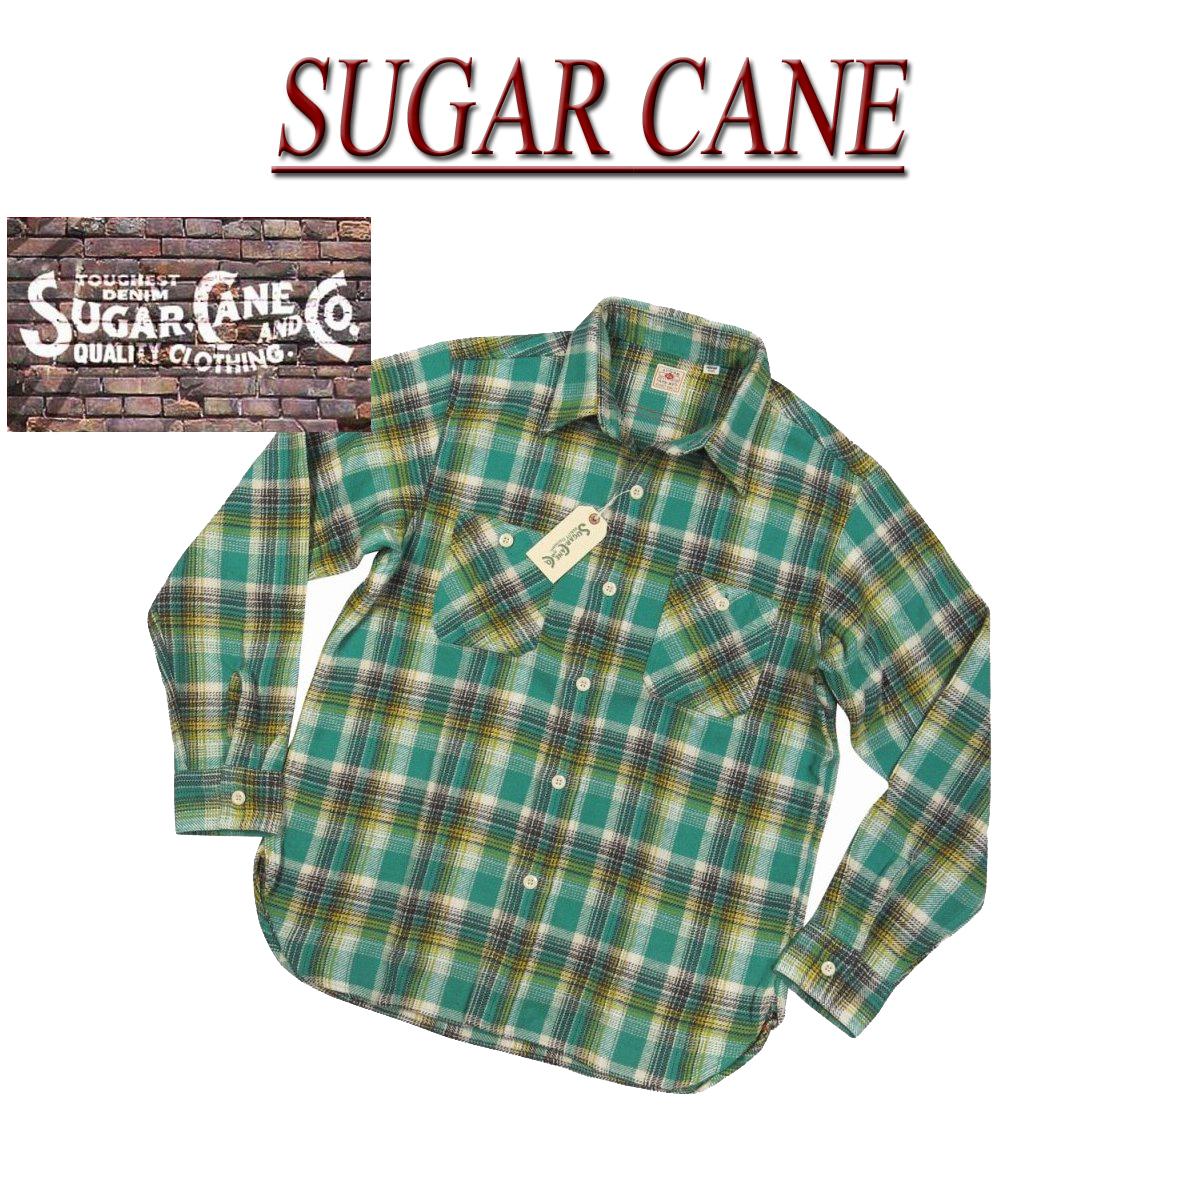 【4サイズ】 nz462 新品 SUGAR CANE 日本製 マチ付 チェック 長袖 ヘビーネルシャツ SC27388 メンズ シュガーケーン TWILL CHECK L/S WORK SHIRT ツイル ワークシャツ Made in JAPAN 【smtb-kd】